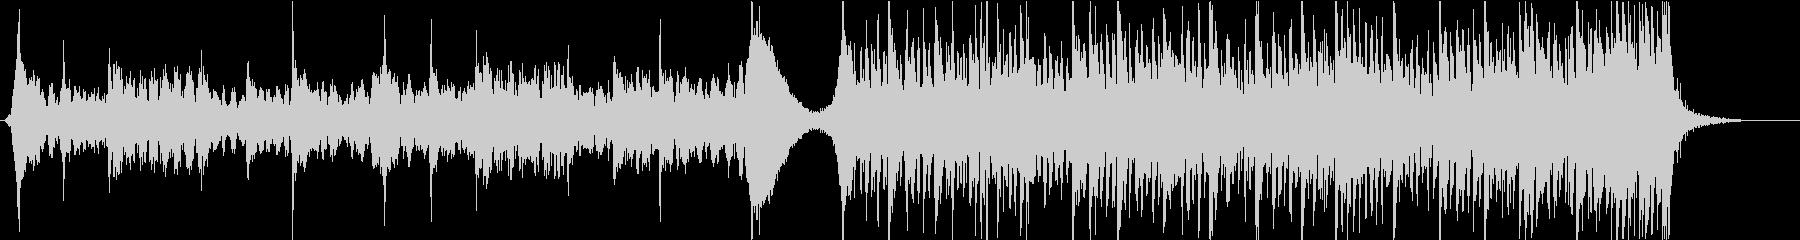 現代的 交響曲 エレクトロ 感情的...の未再生の波形